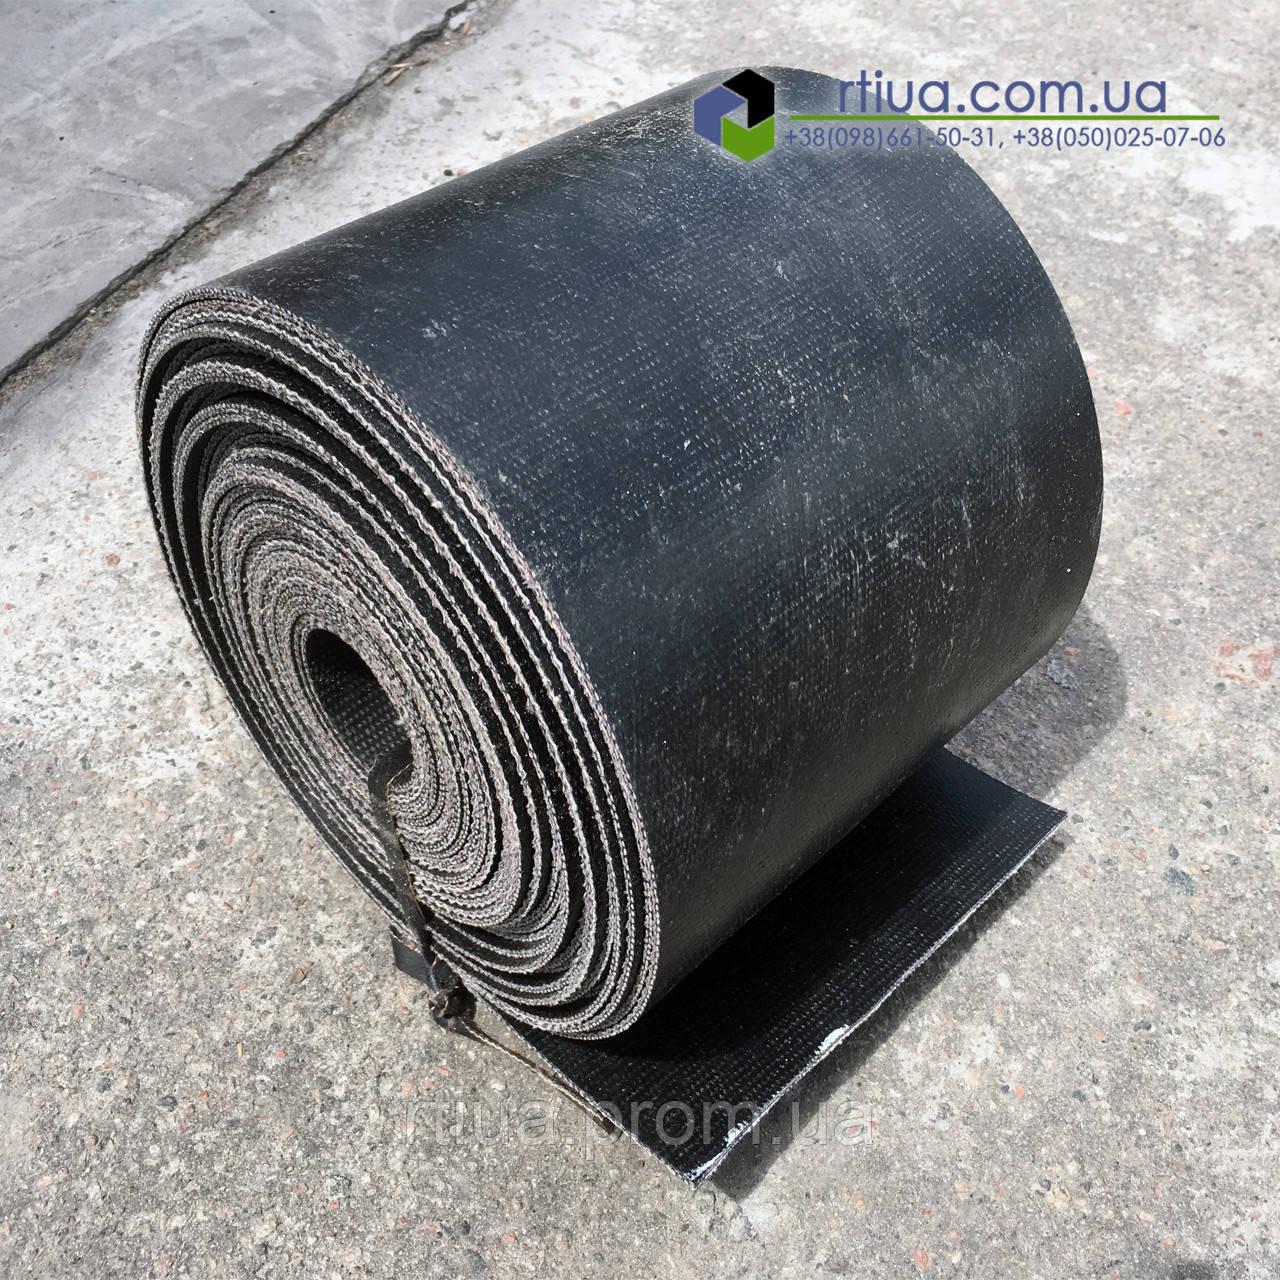 Транспортерная лента БКНЛ, 150х4 мм